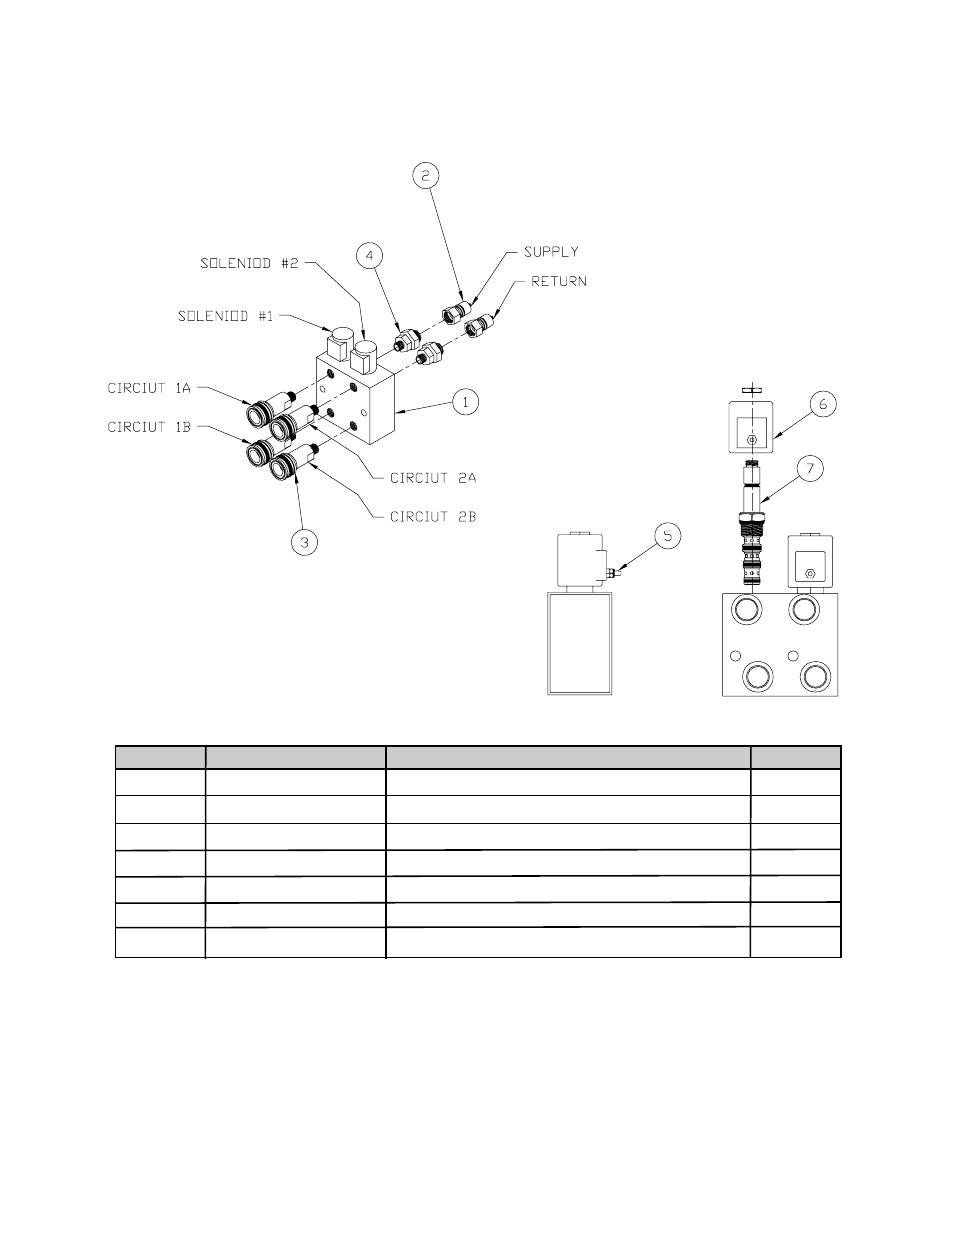 Fasse Hydraulic Multiplier : Trailer sprayer parts schematics redball